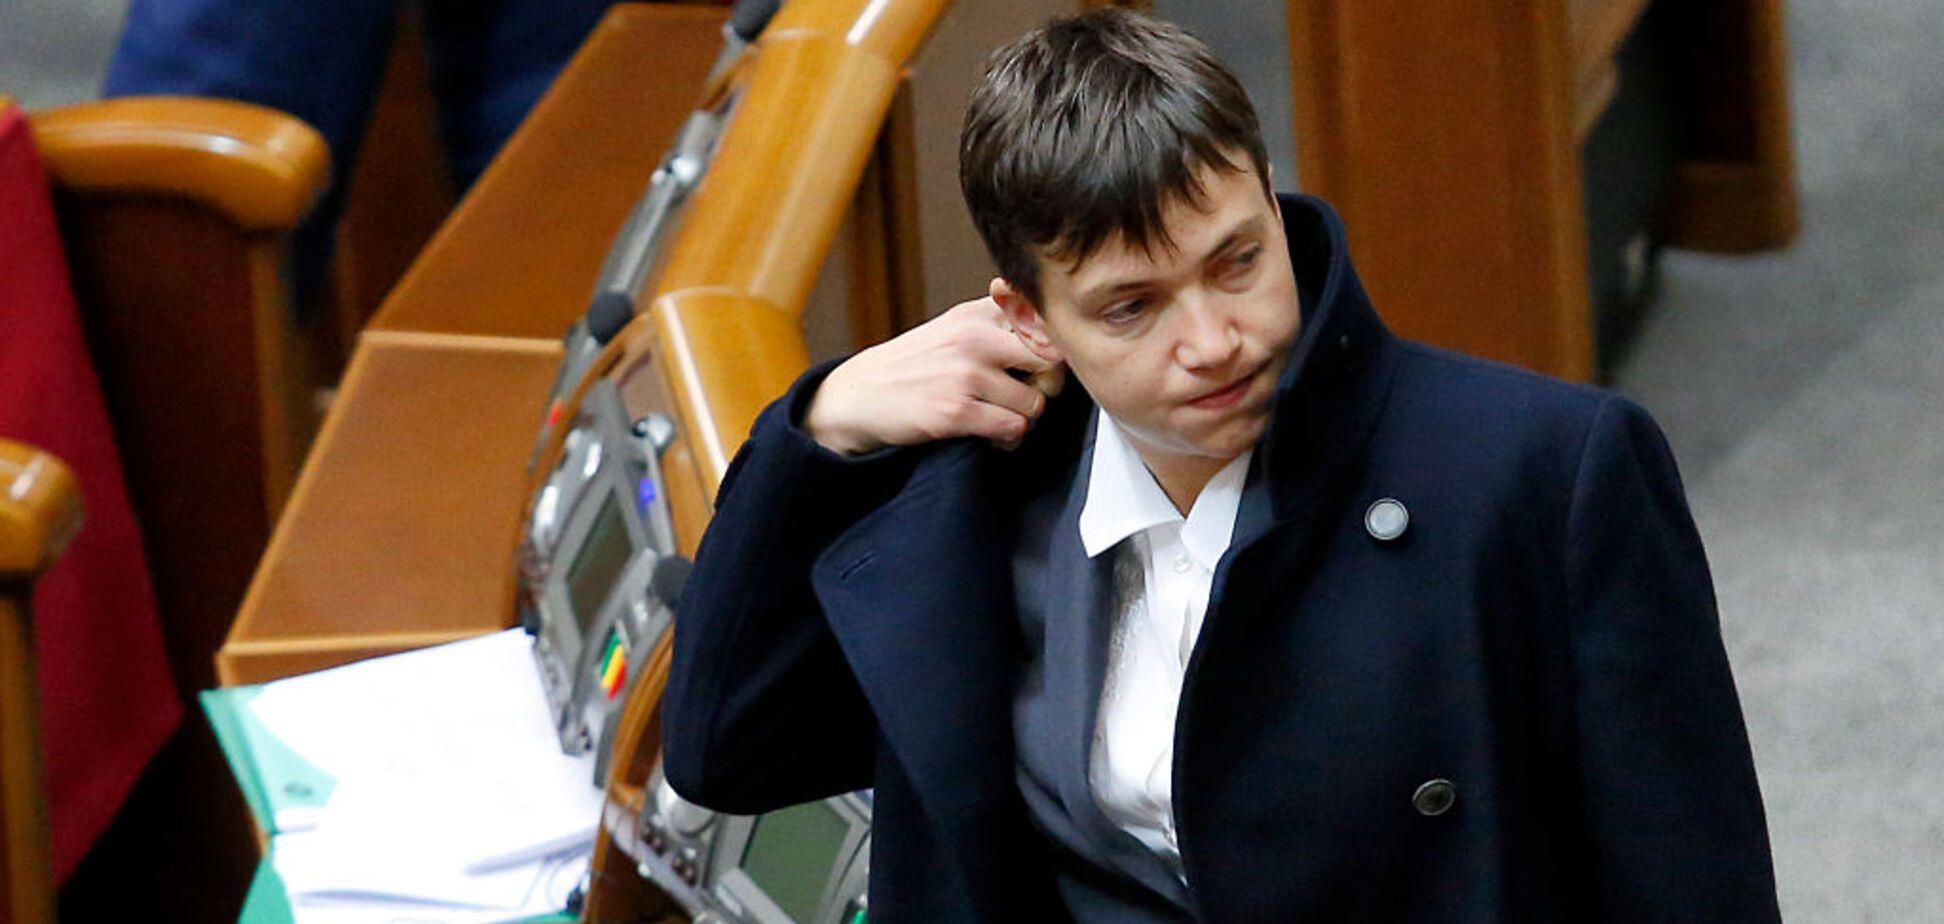 'Мы пожали друг другу руки': Савченко рассказала новые детали встречи с главарями 'ДНР' и 'ЛНР'